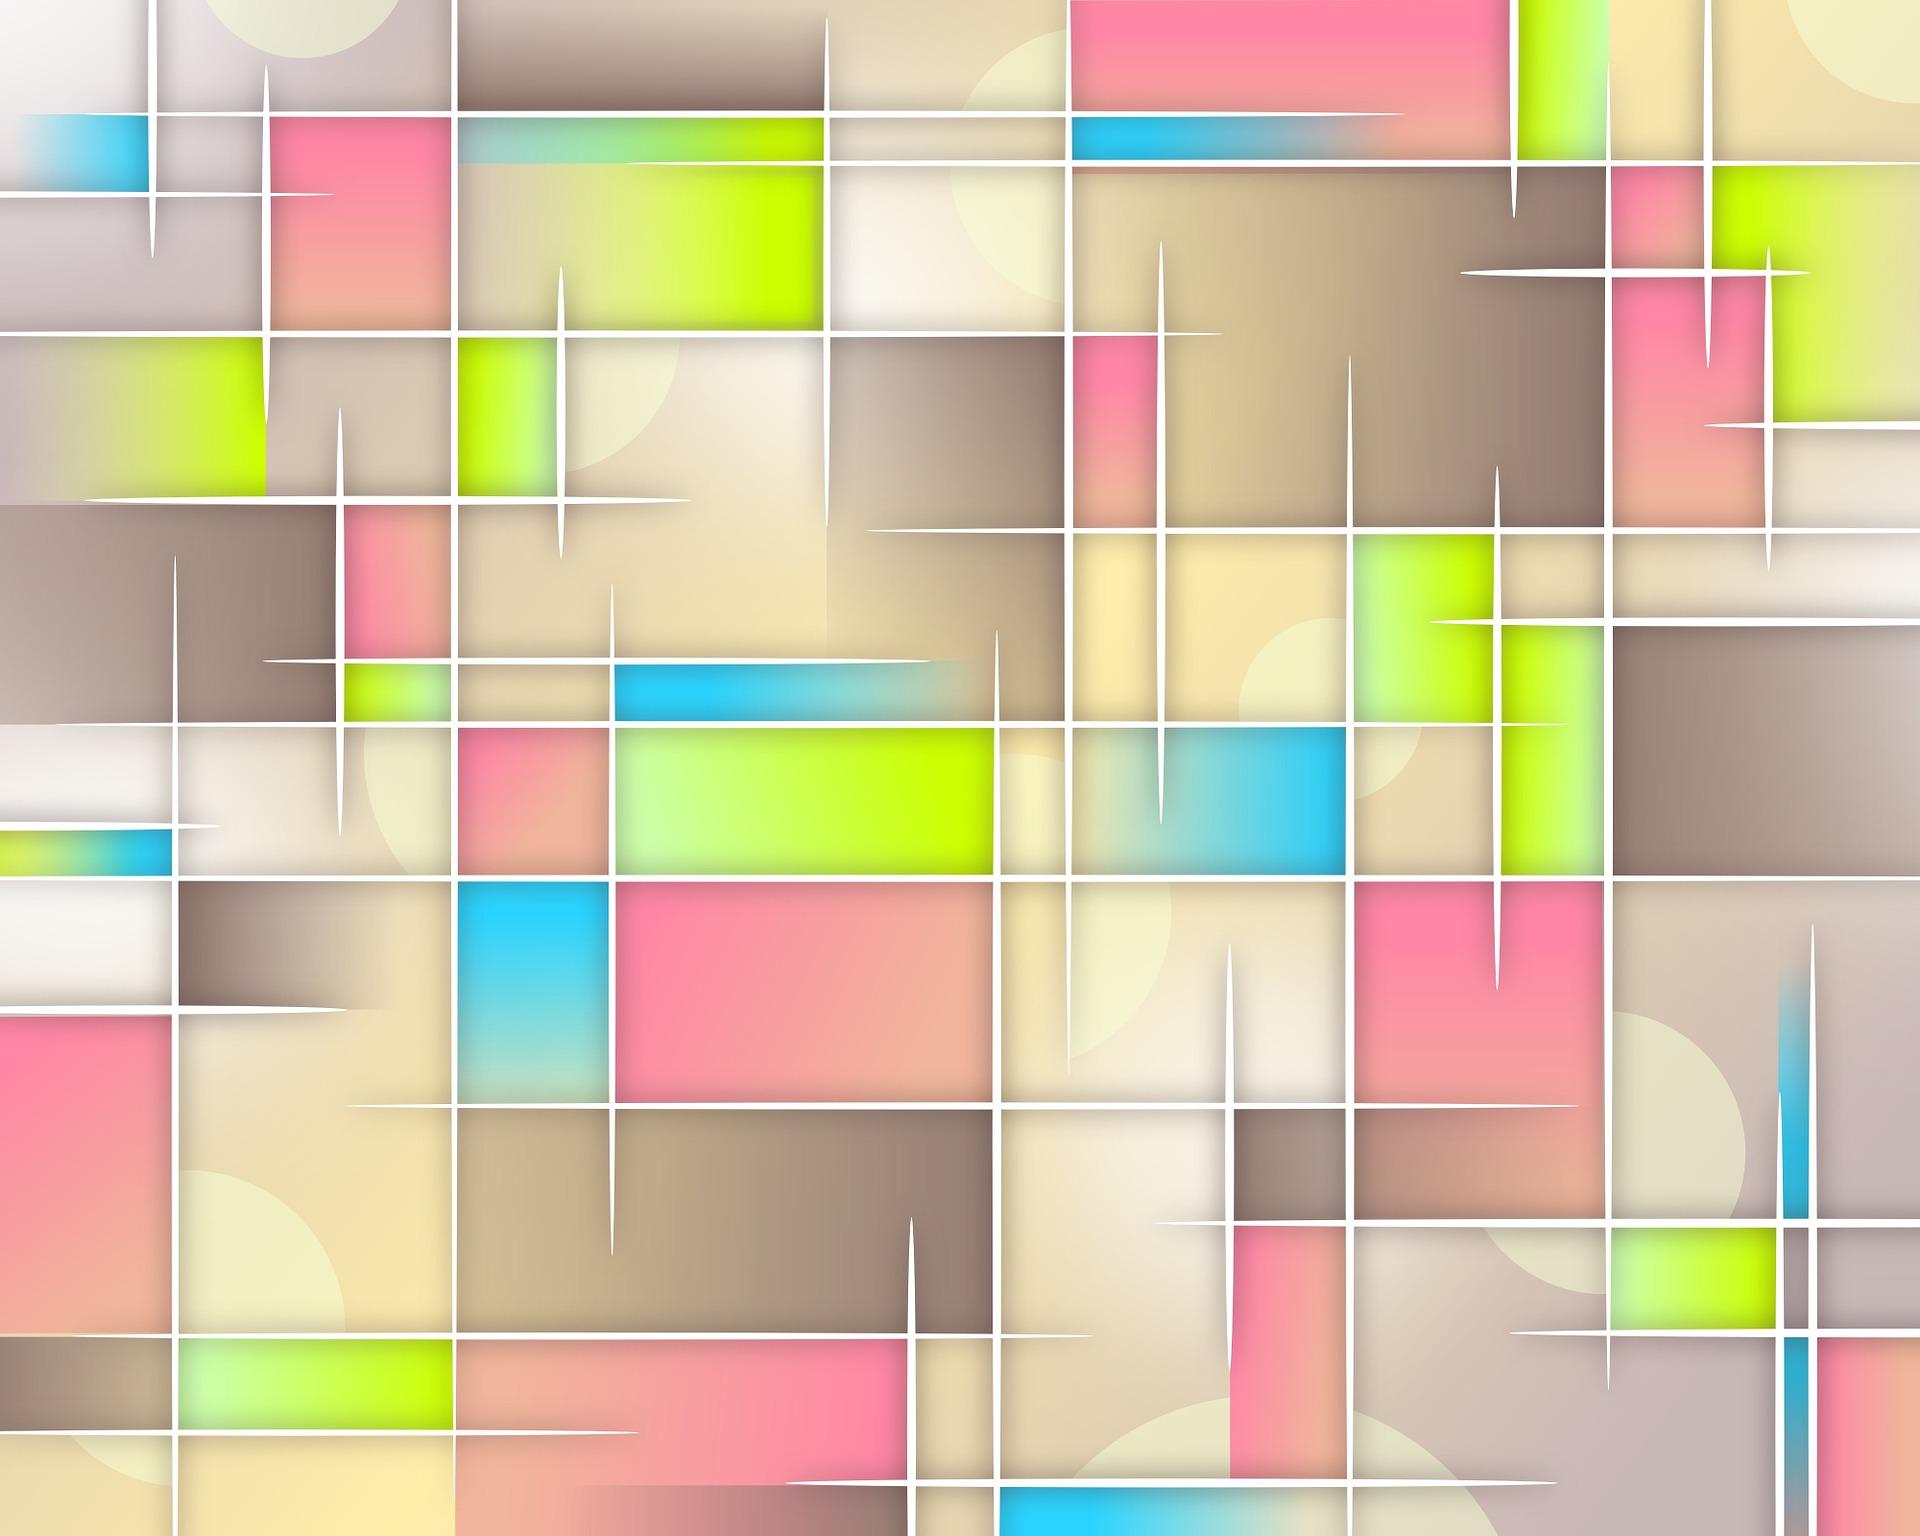 red, colores, cuadrados, ilustración, abstracto - Fondos de Pantalla HD - professor-falken.com